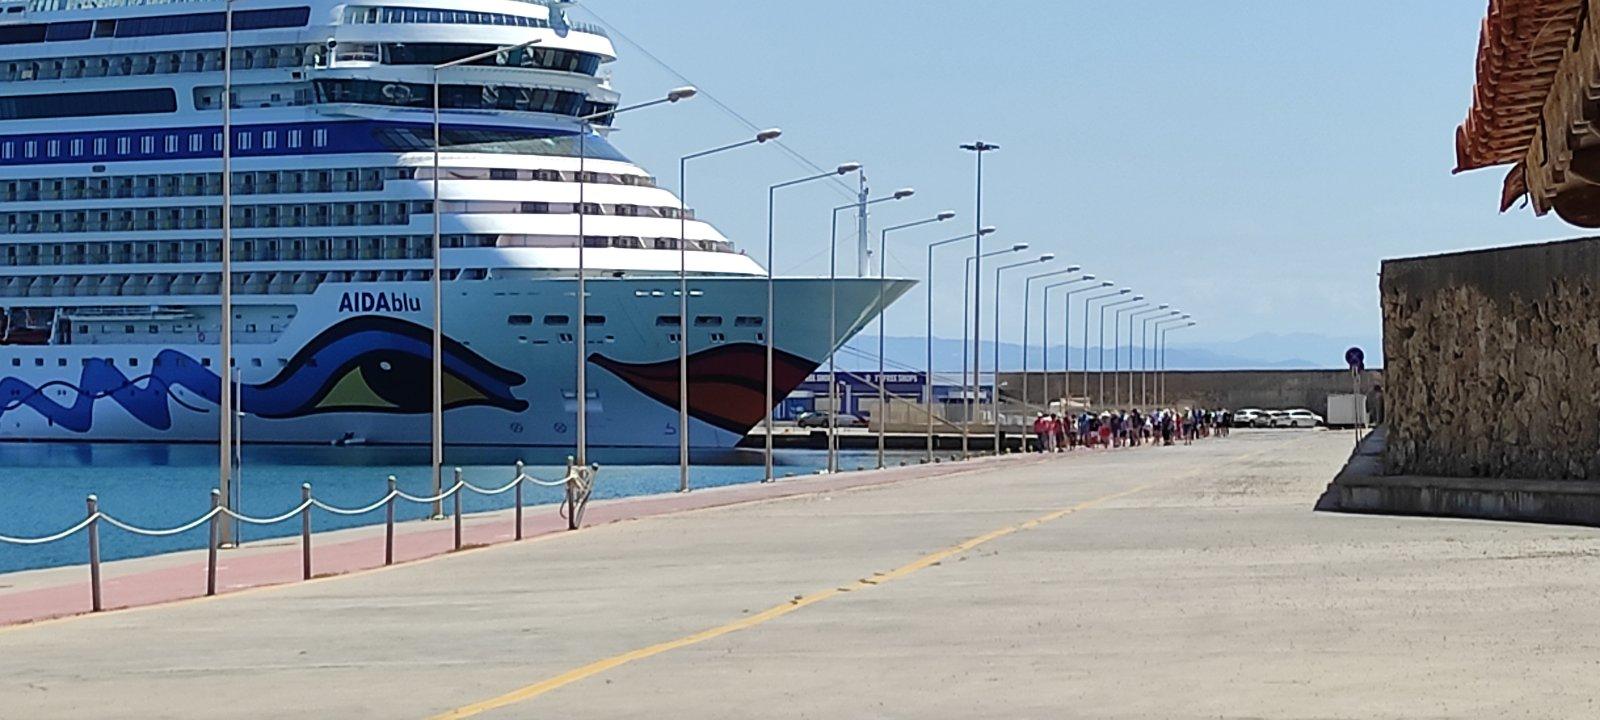 Πύργος: Κάθοδος επιβατών από κρουαζιερόπλοια σήμερα στο Κατάκολο (photos)